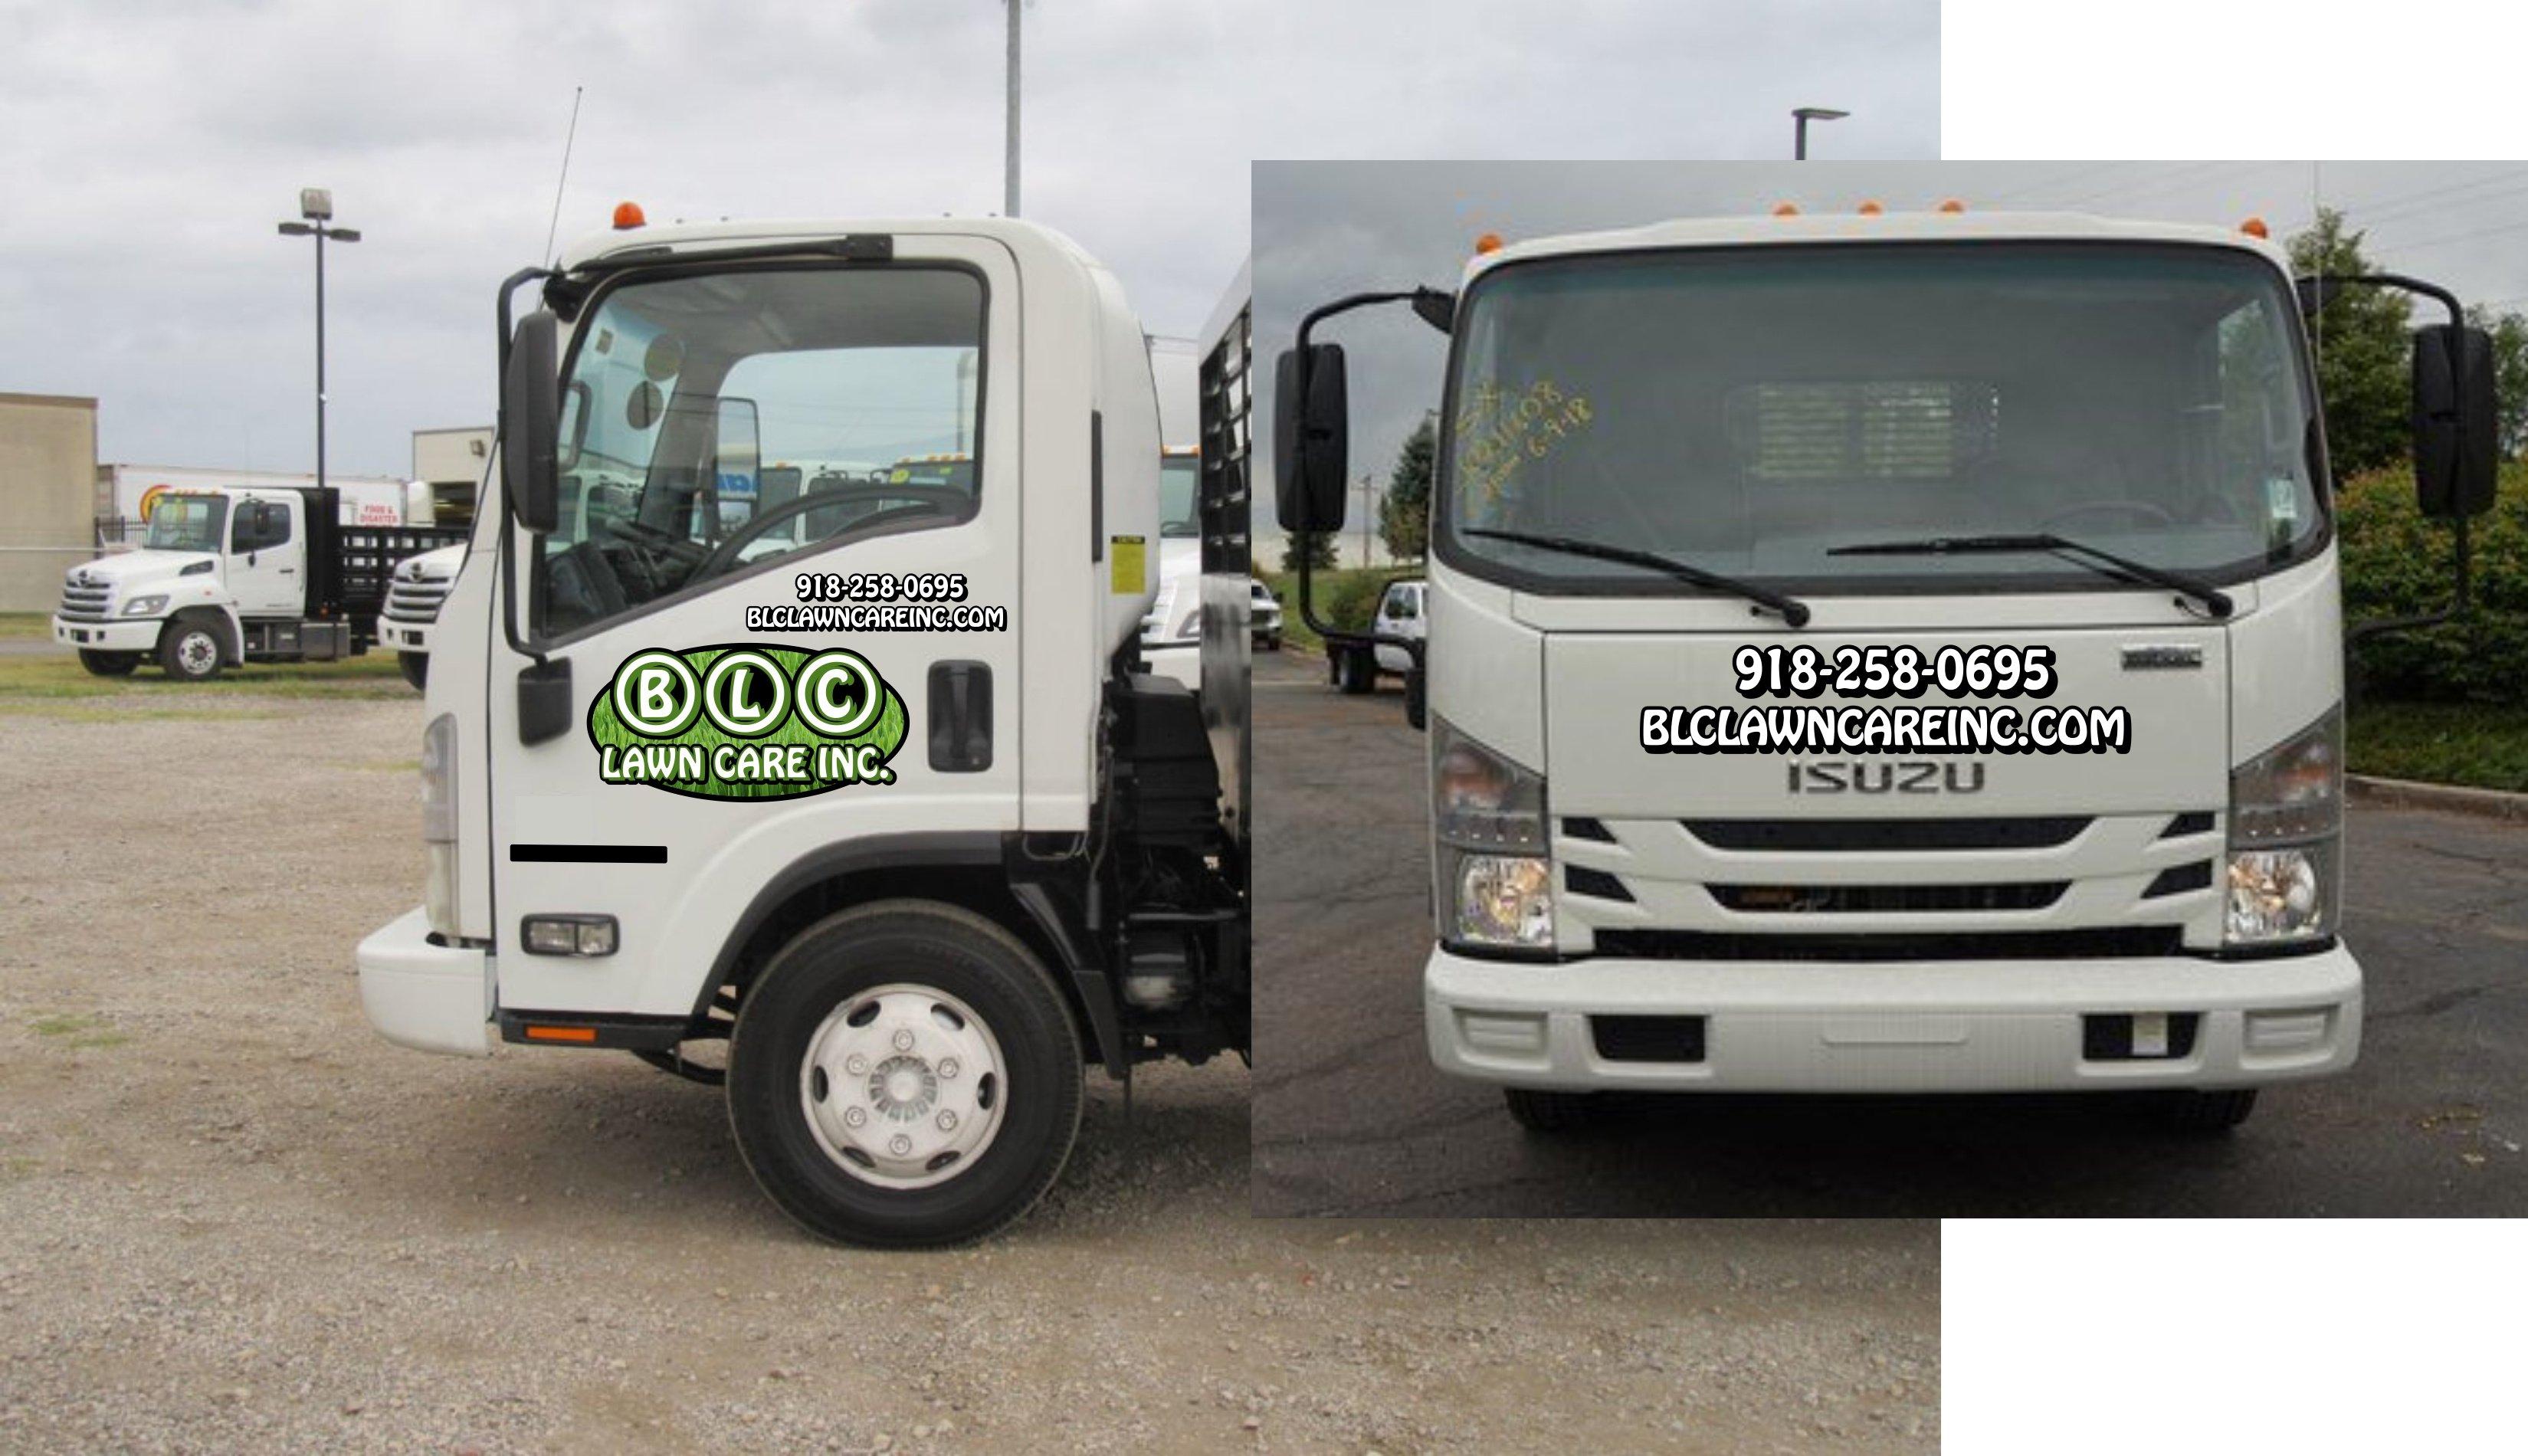 https://0201.nccdn.net/4_2/000/000/076/de9/BLC-Lawn-Care-Truck---Isuzu-NPR-3299x1900.jpg